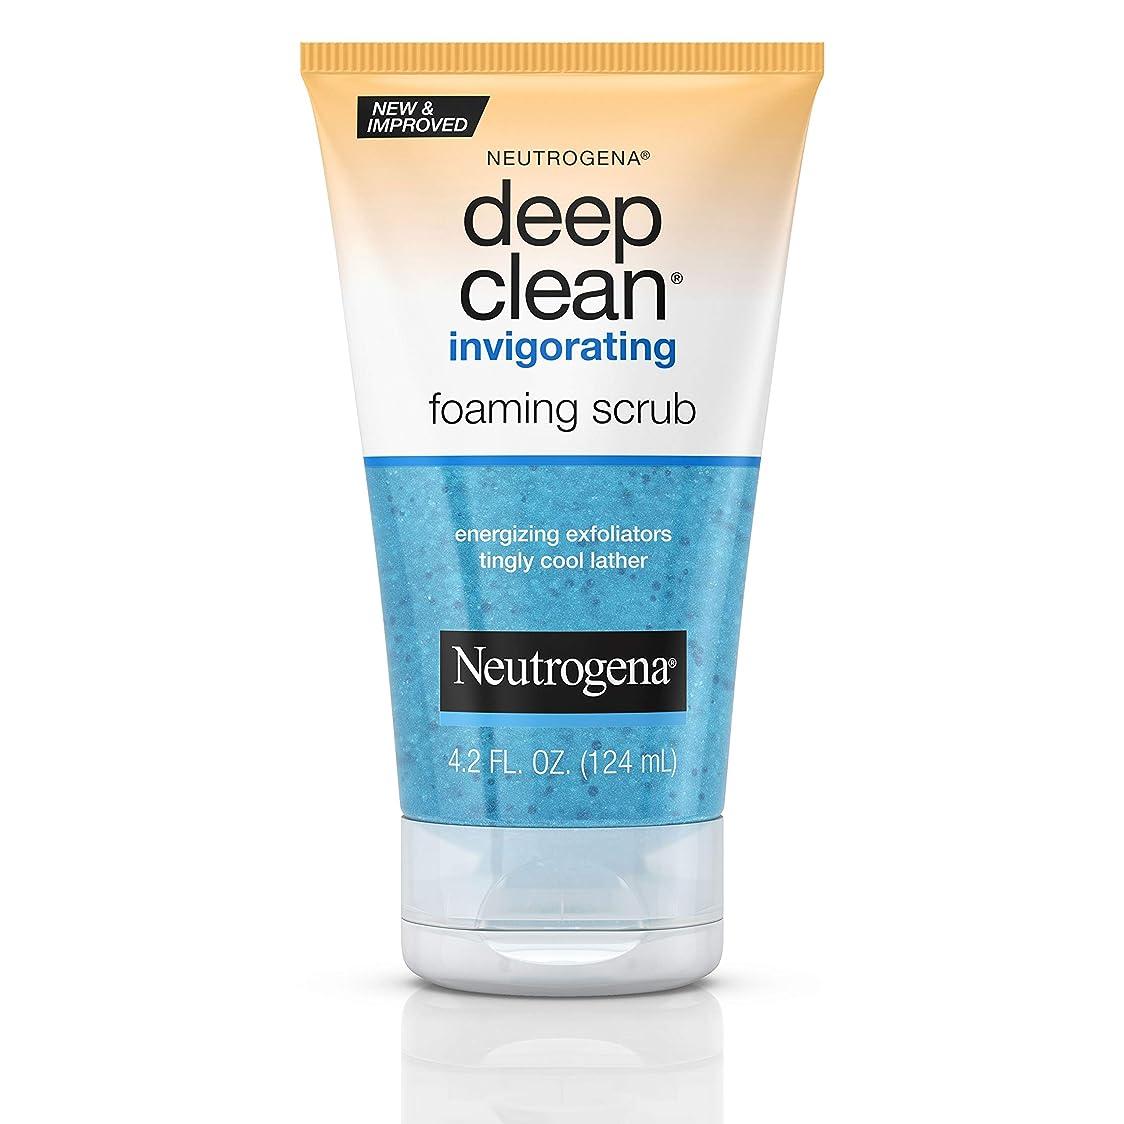 取り除く解き明かすジョグNeutrogena Deep Clean Invigorating Foaming Scrub ニキビのための皮膚の奥までキレイにする洗顔ジェル125ml